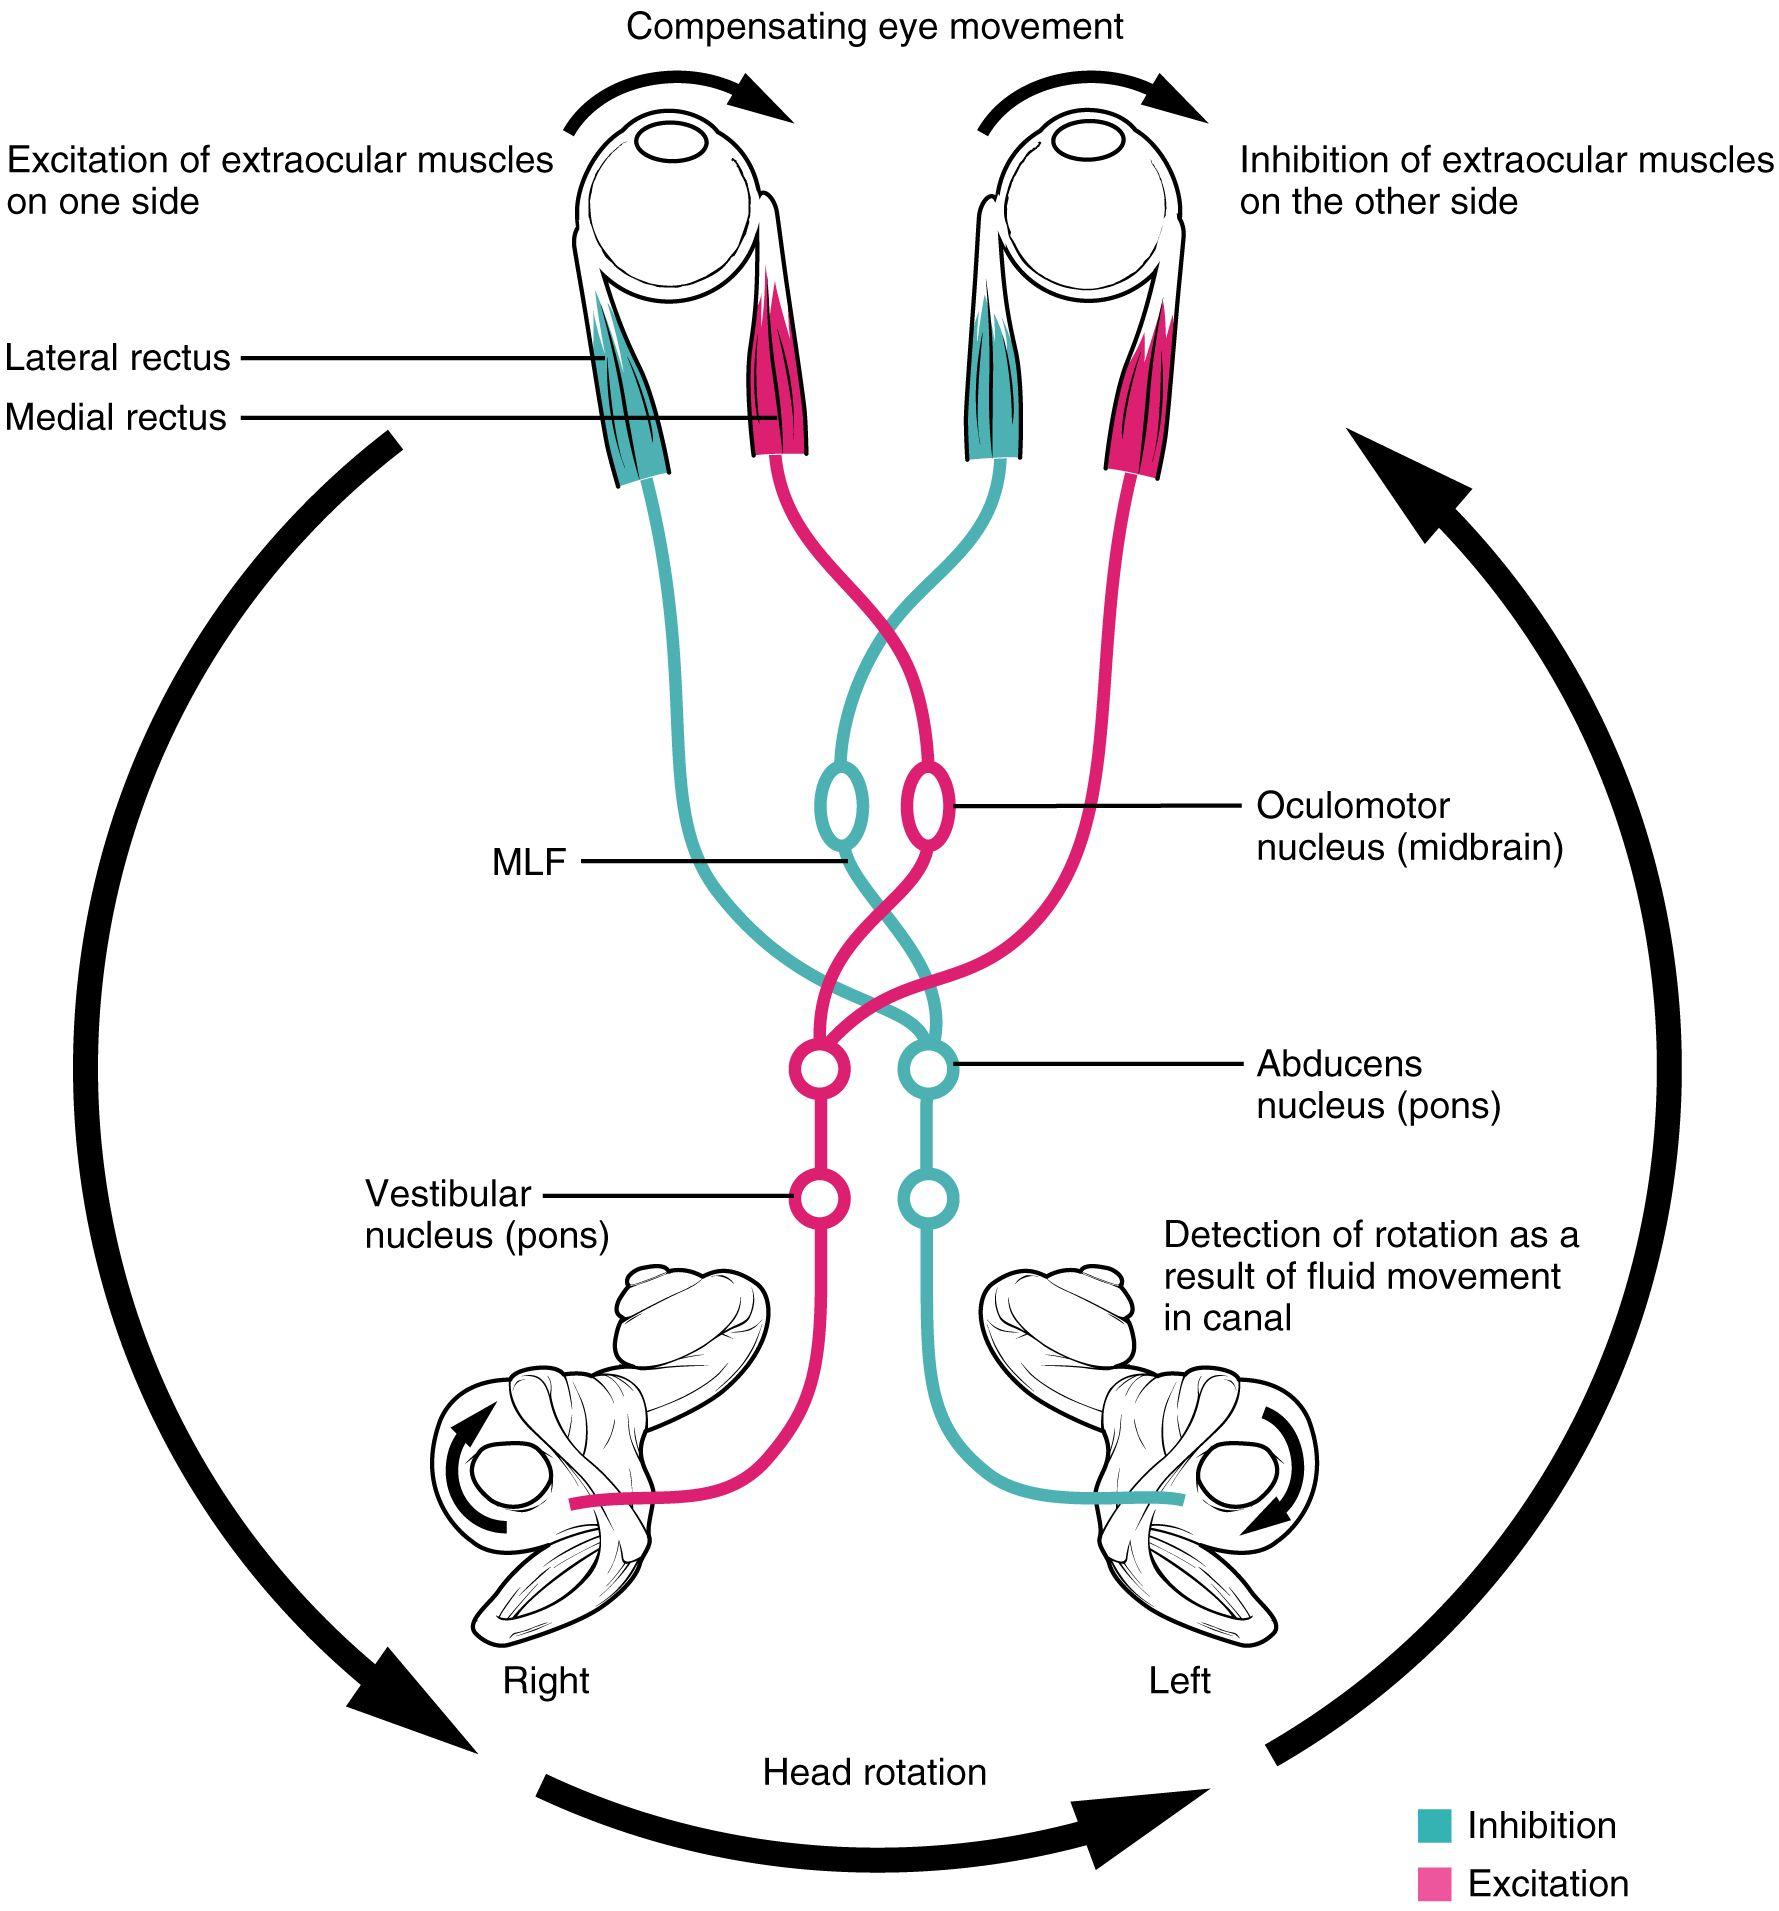 cranial nerves | The Cranial Nerve Exam | visual processing anatomy ...